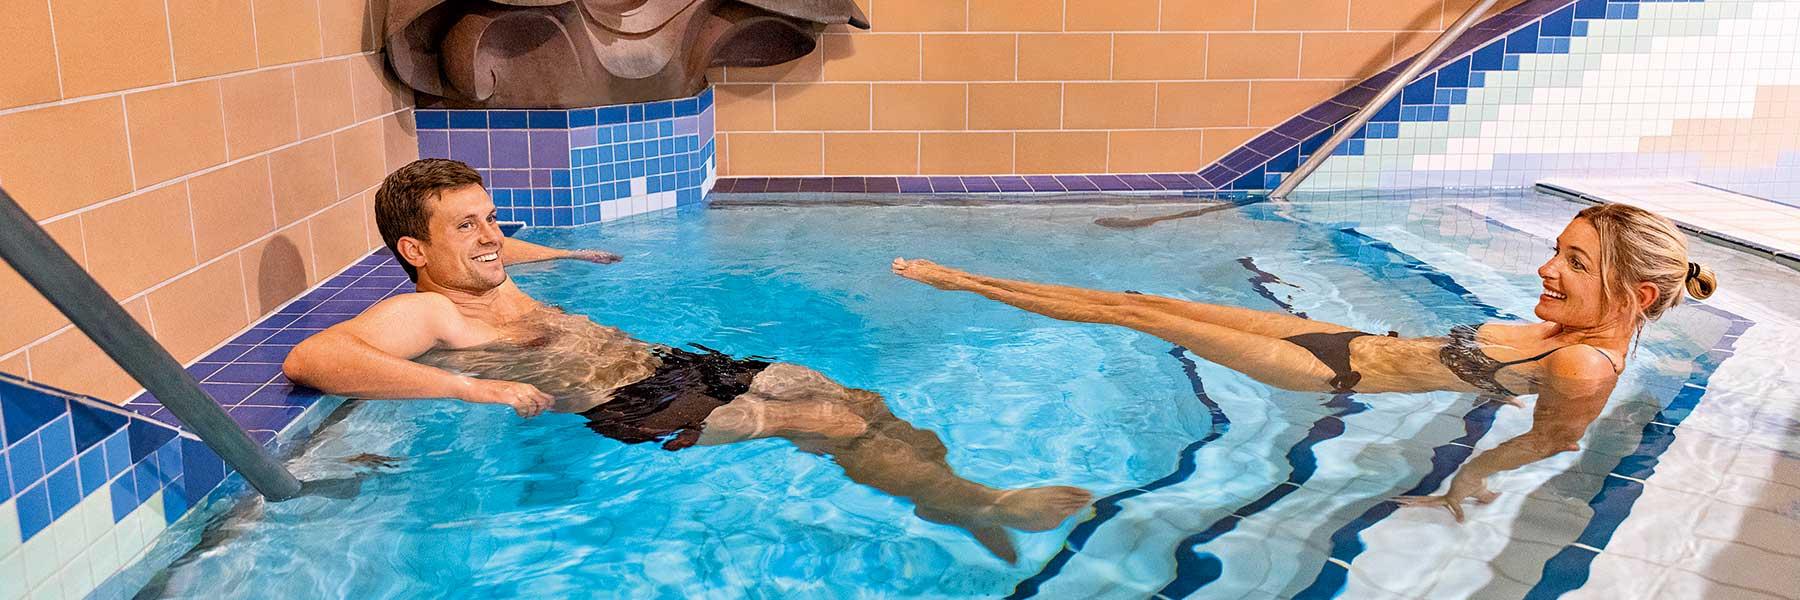 Becken in der Chrysanti-Badehalle in der Thermenwelt der Rottal Terme